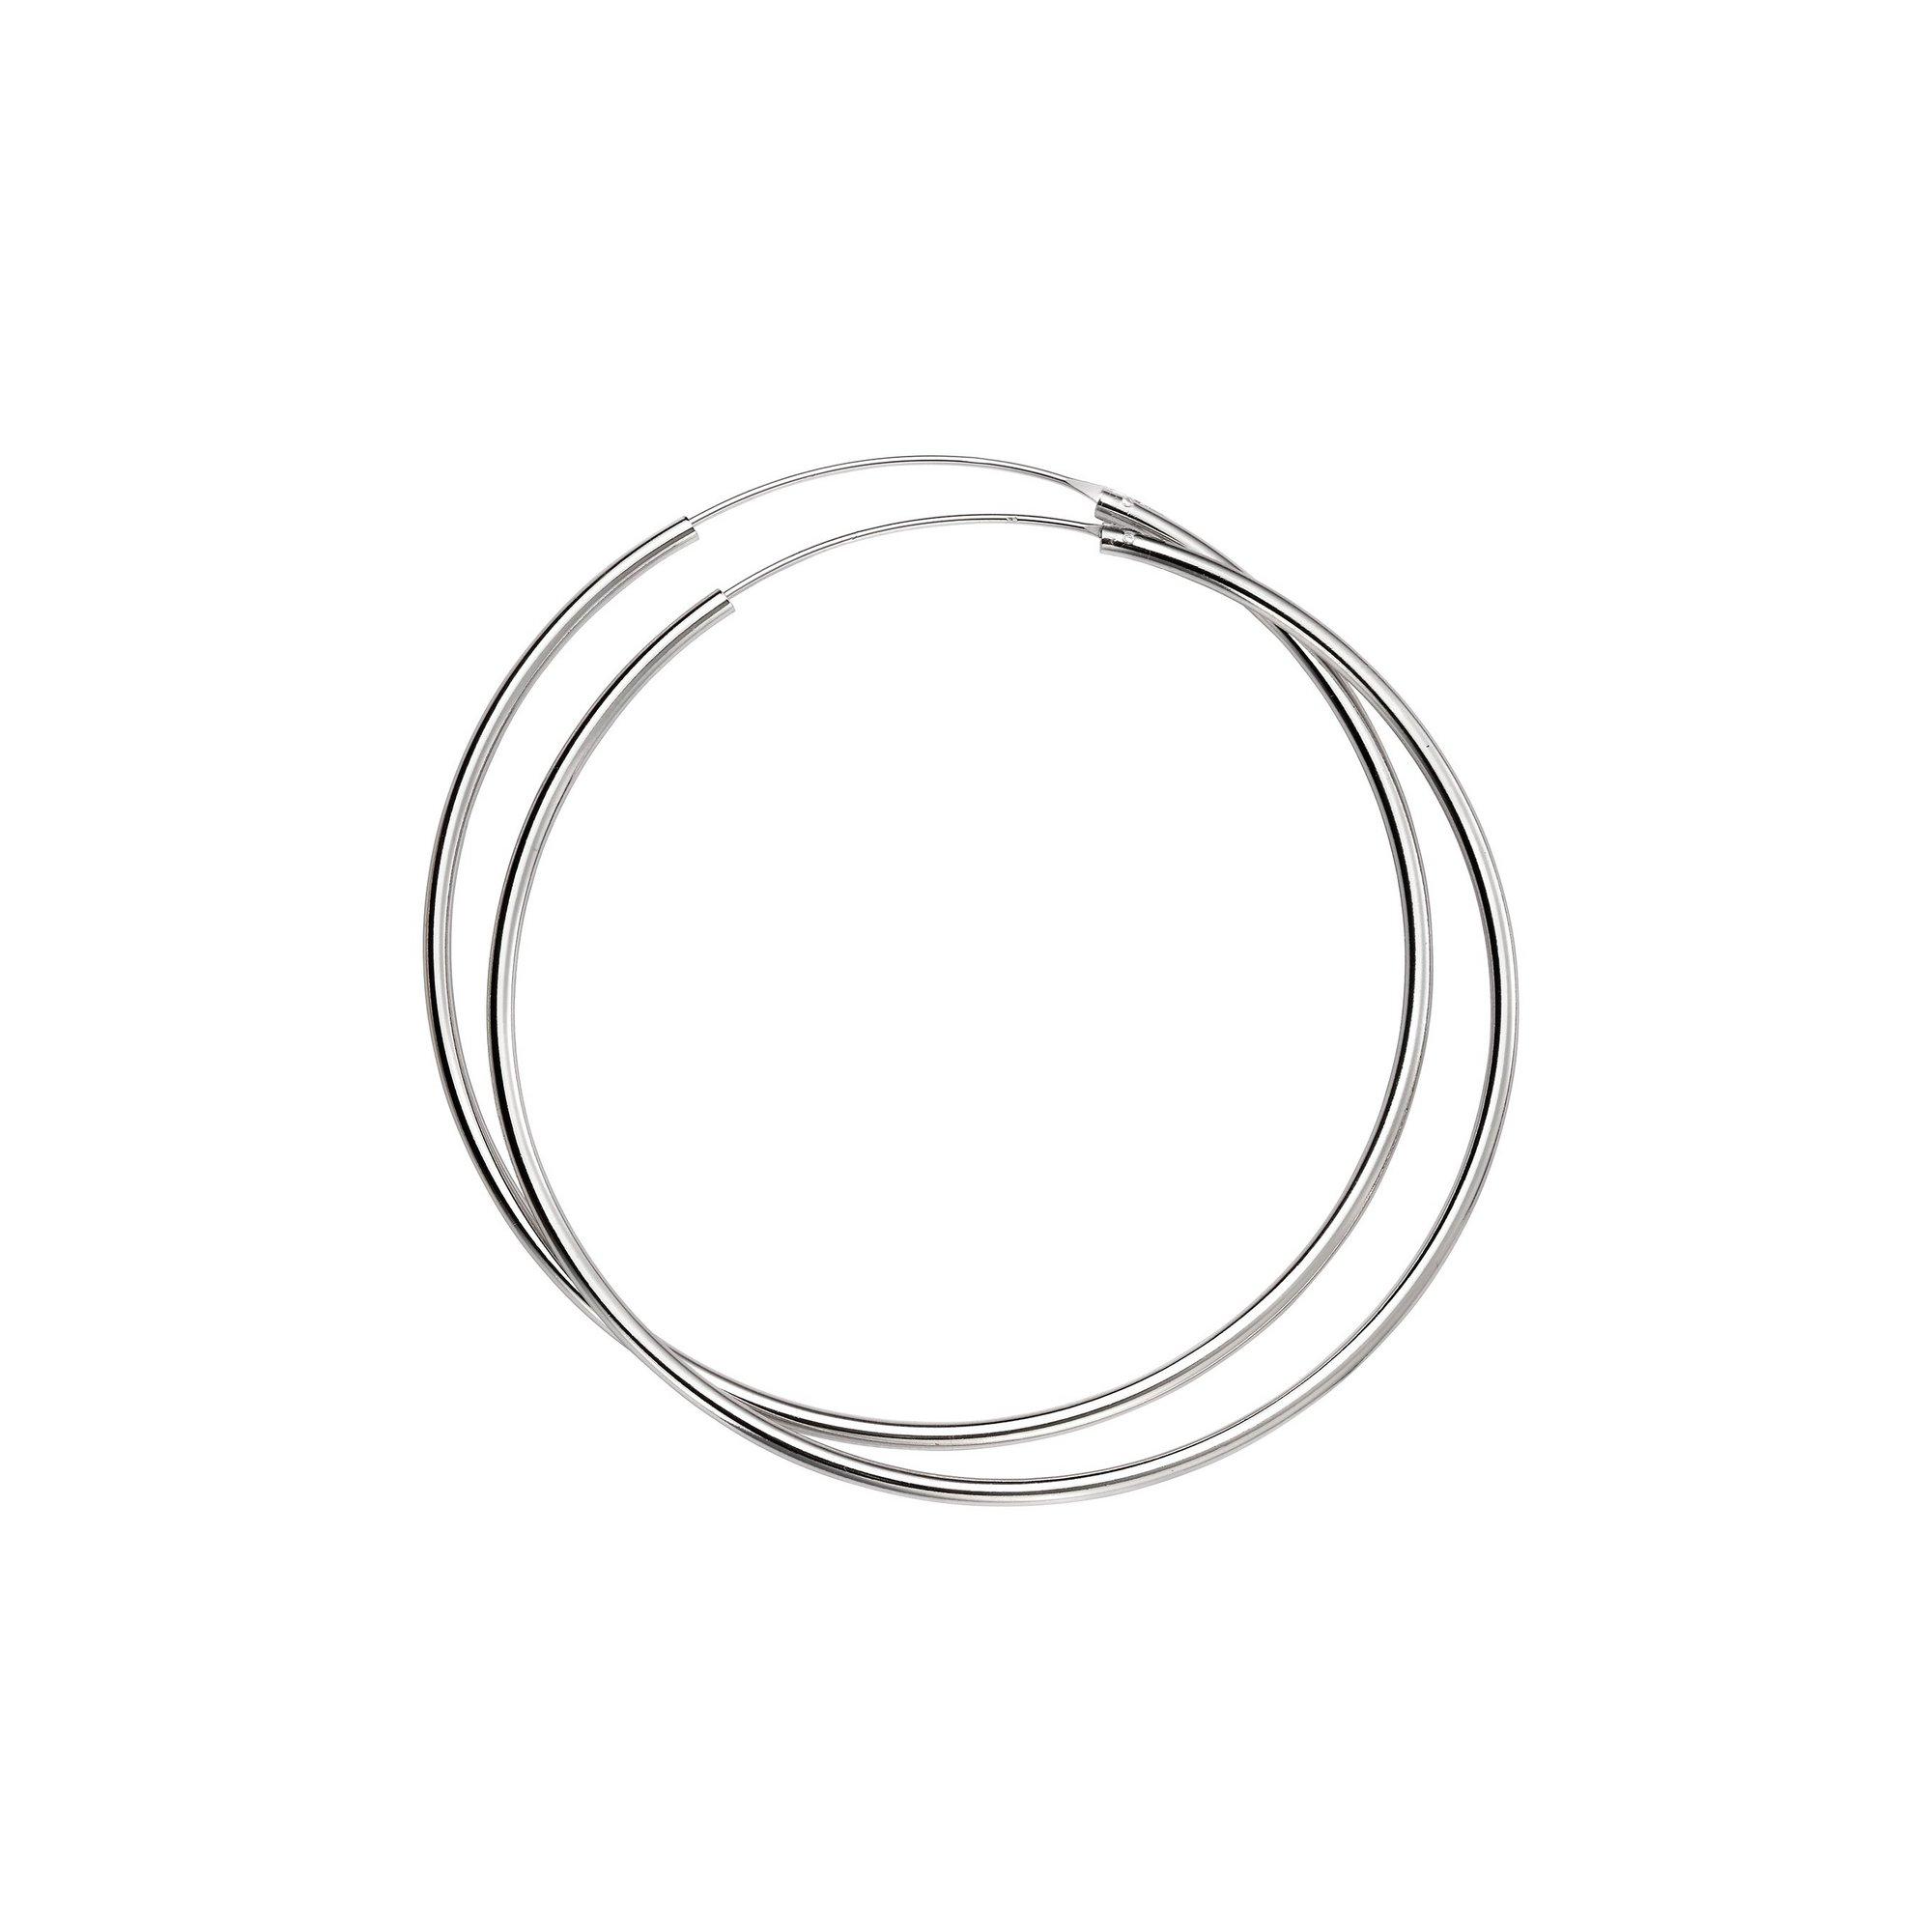 Image of Beginnings 70mm Hoop Earrings